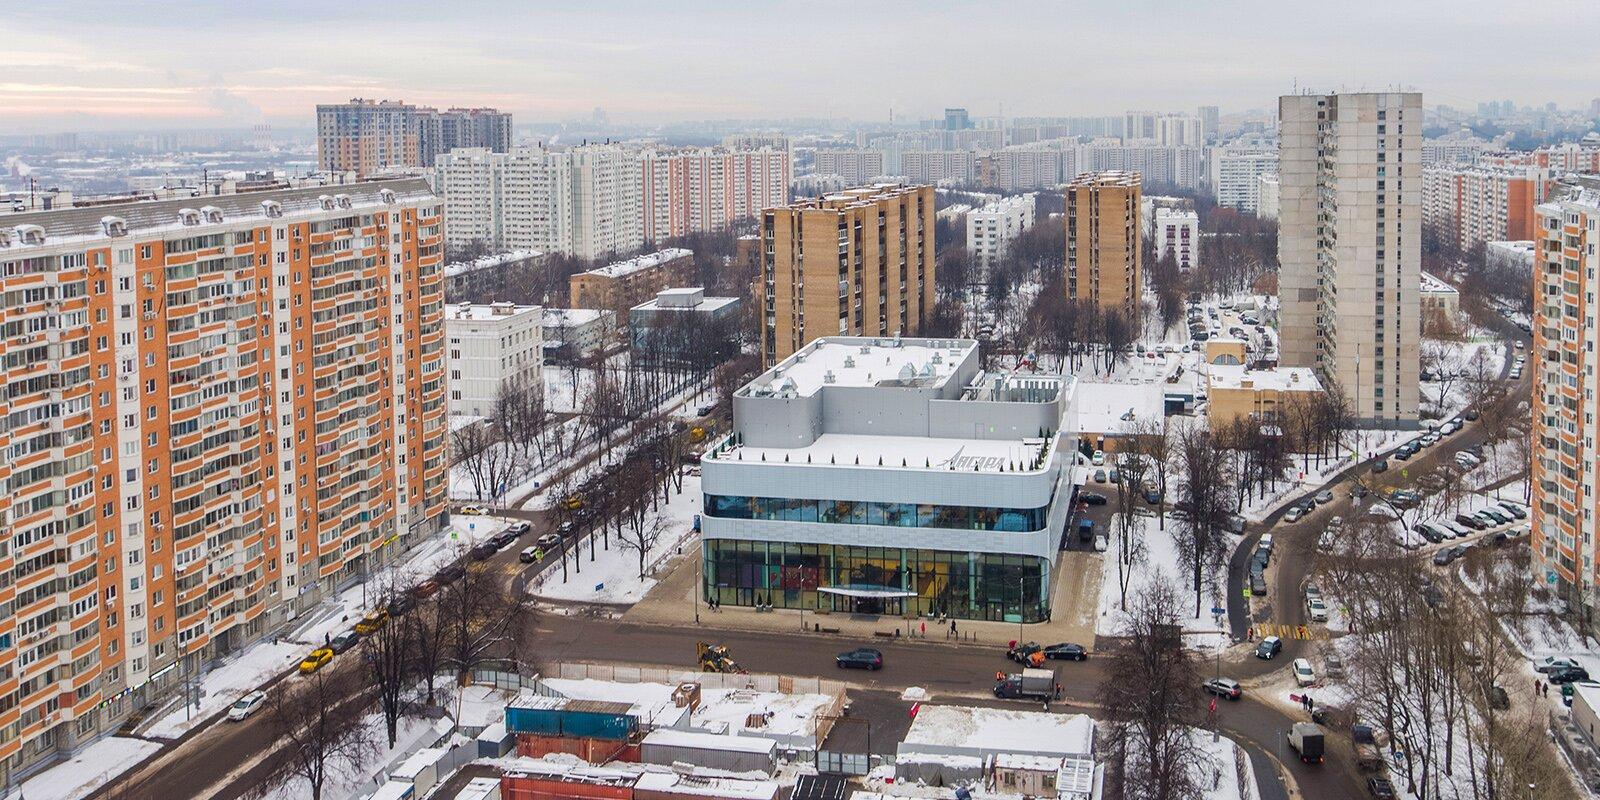 Сергей Собянин рассказал о программе реконструкции кинотеатров в Москве